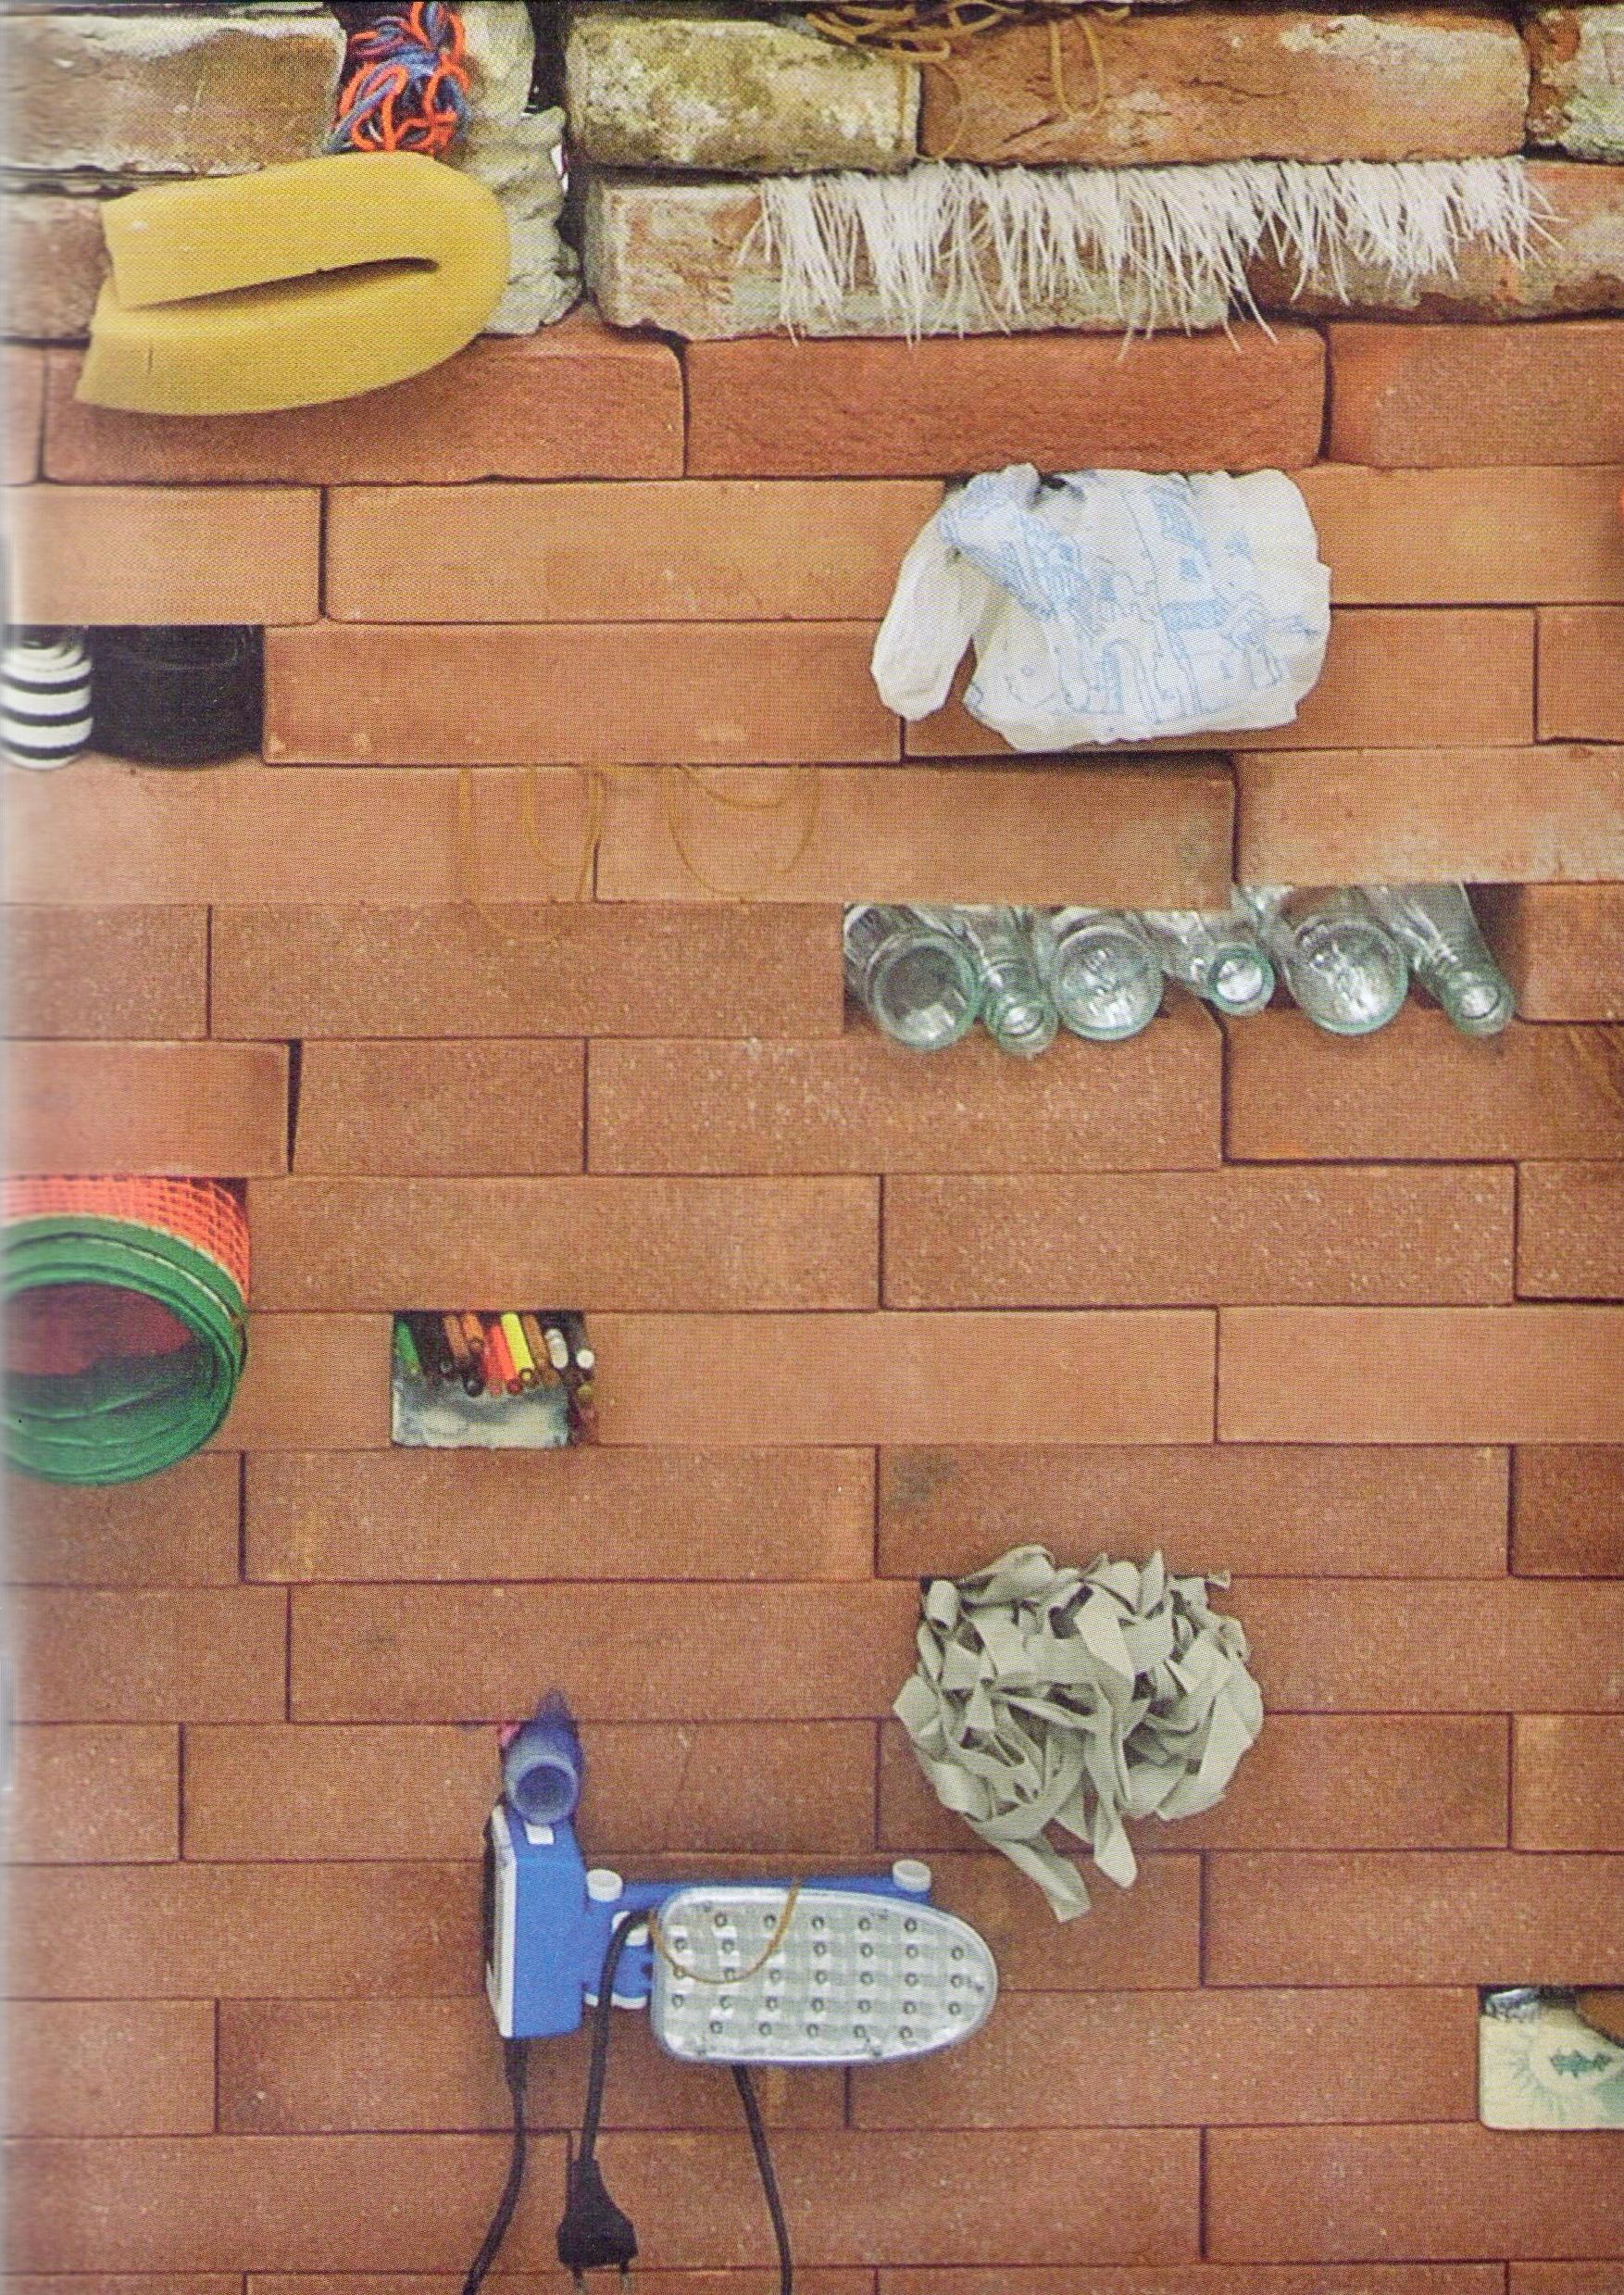 Daniel González, Present Monuments, 2018, solo show, Boccanera Gallery, Trient, IT